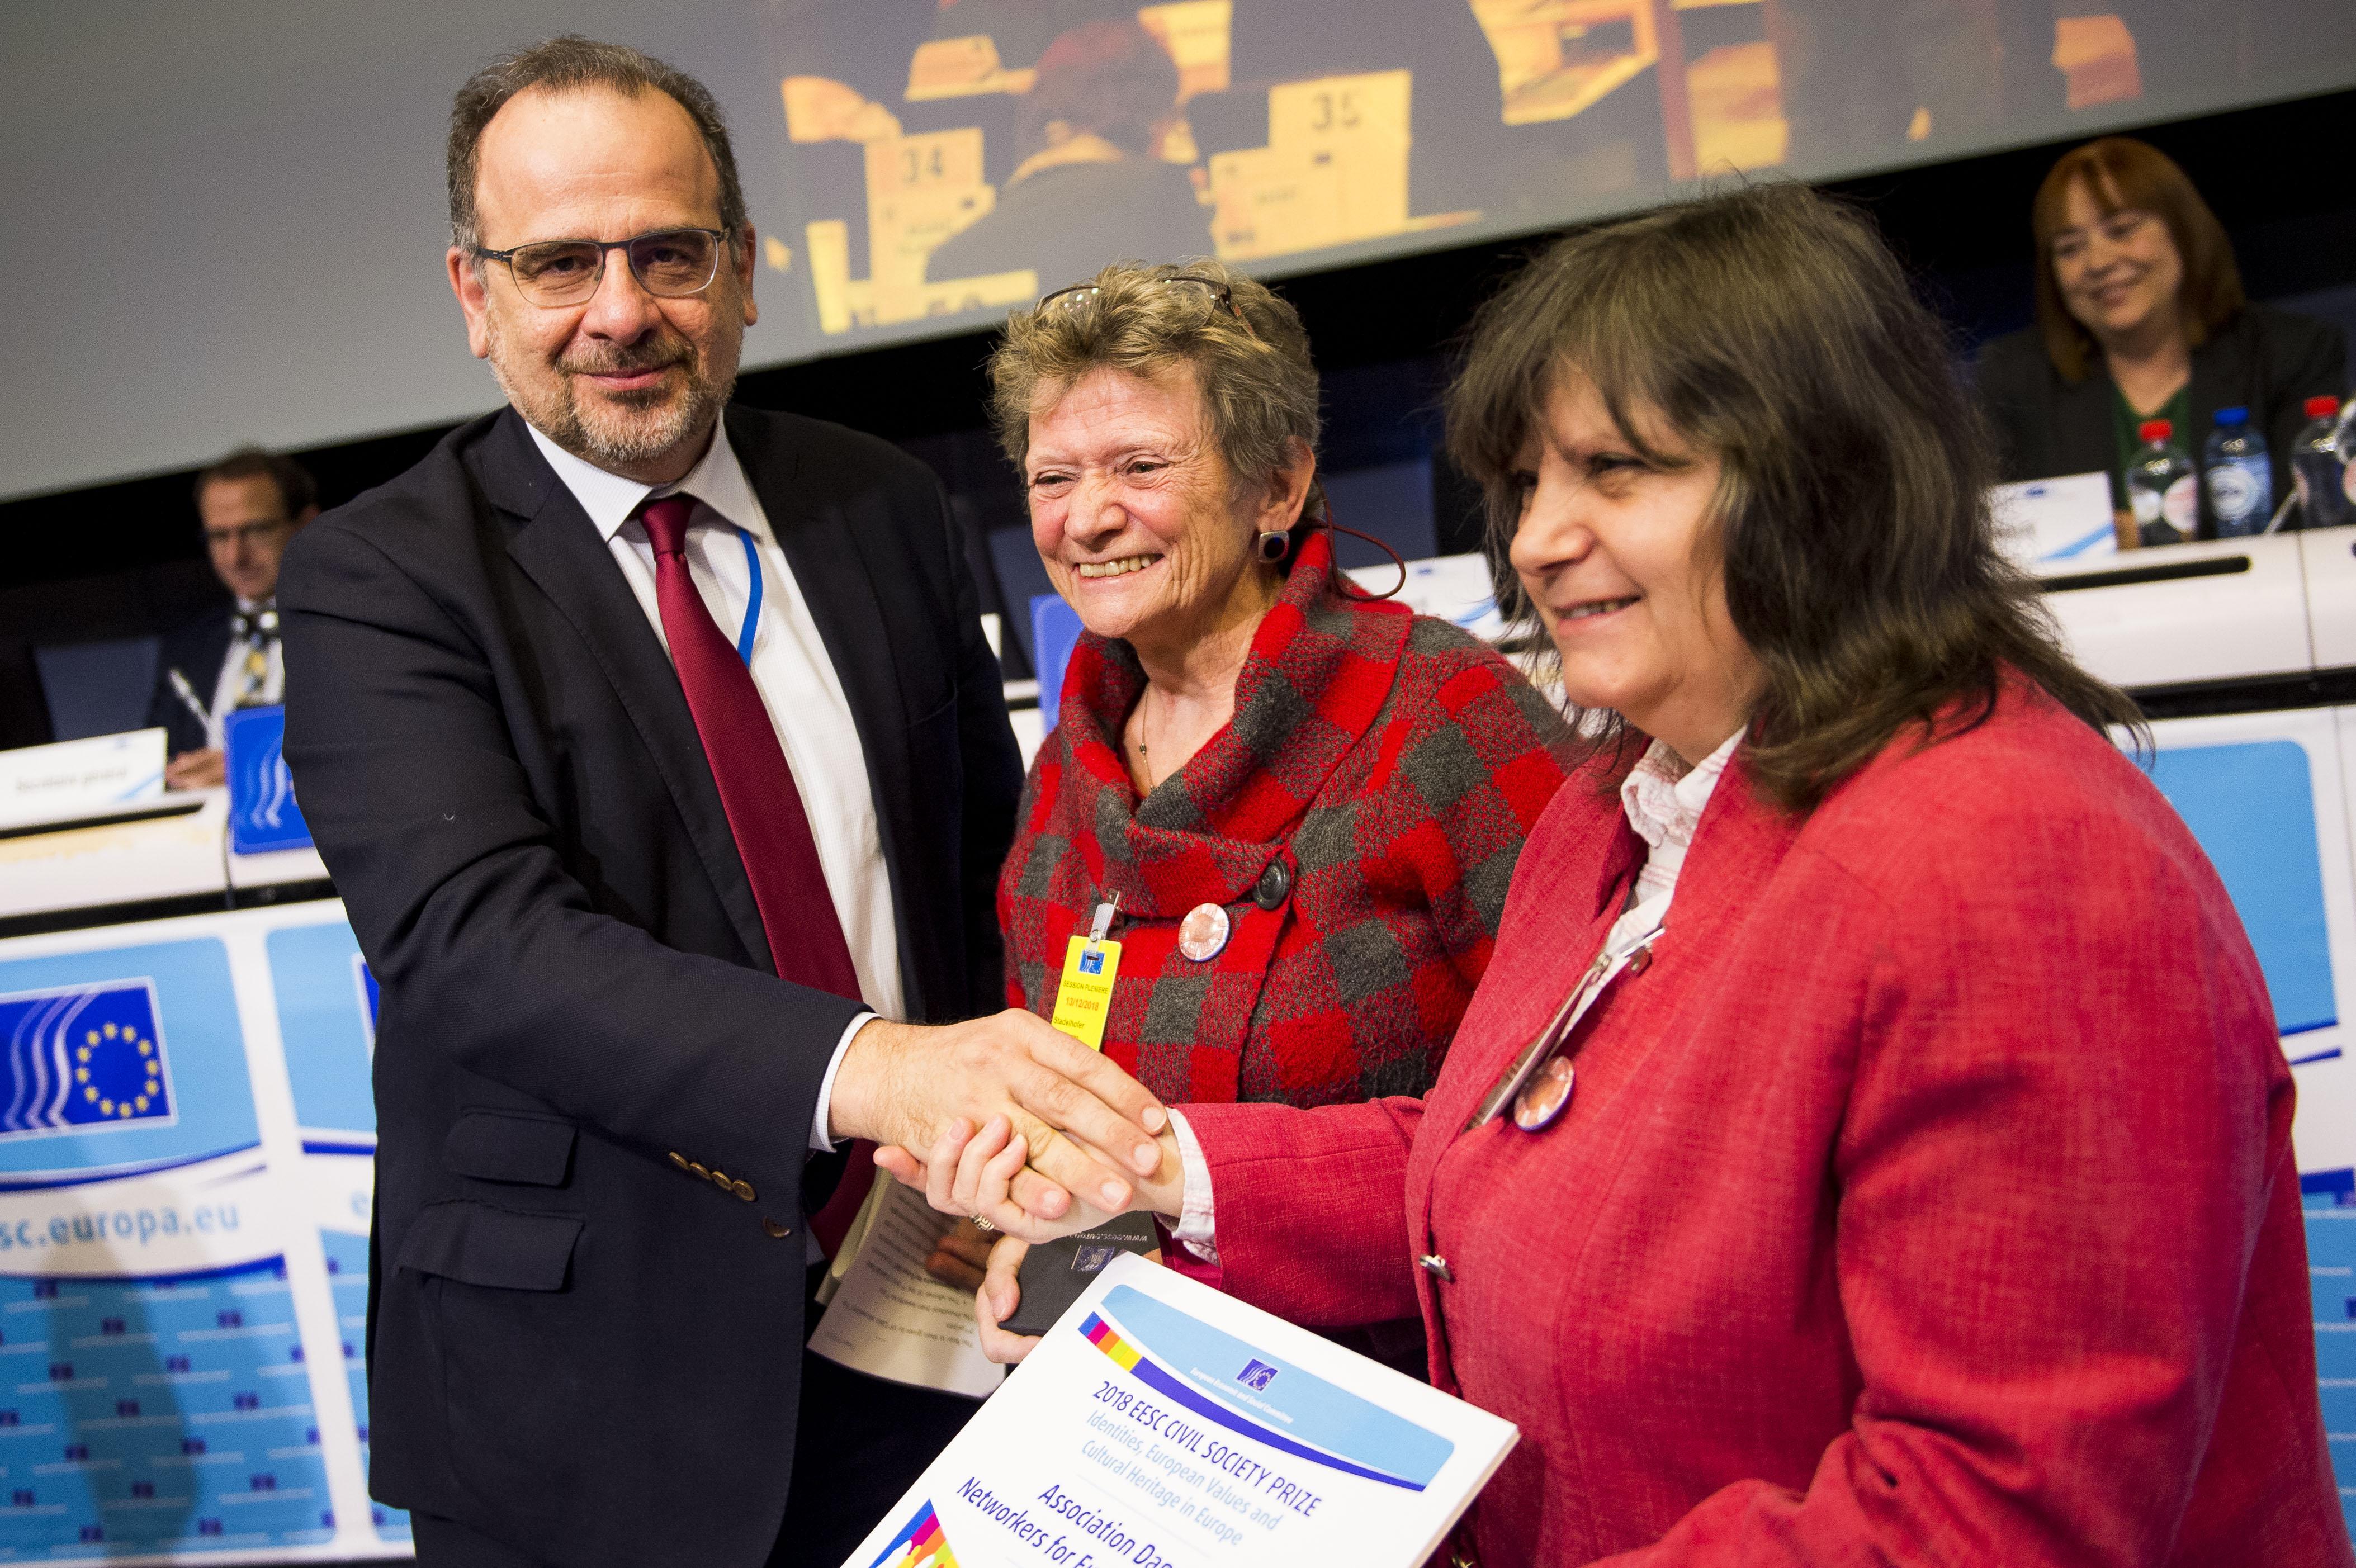 Überreichung des ersten Preises durch den Präsidenten Luca Jahier an Carmen Stadelhofer, Vorsitzende DANET e.V., Ulm und Prof. Emilia Velikova, Vizepräsidentin, Ruse, am 13.12.2018 in Brüssel